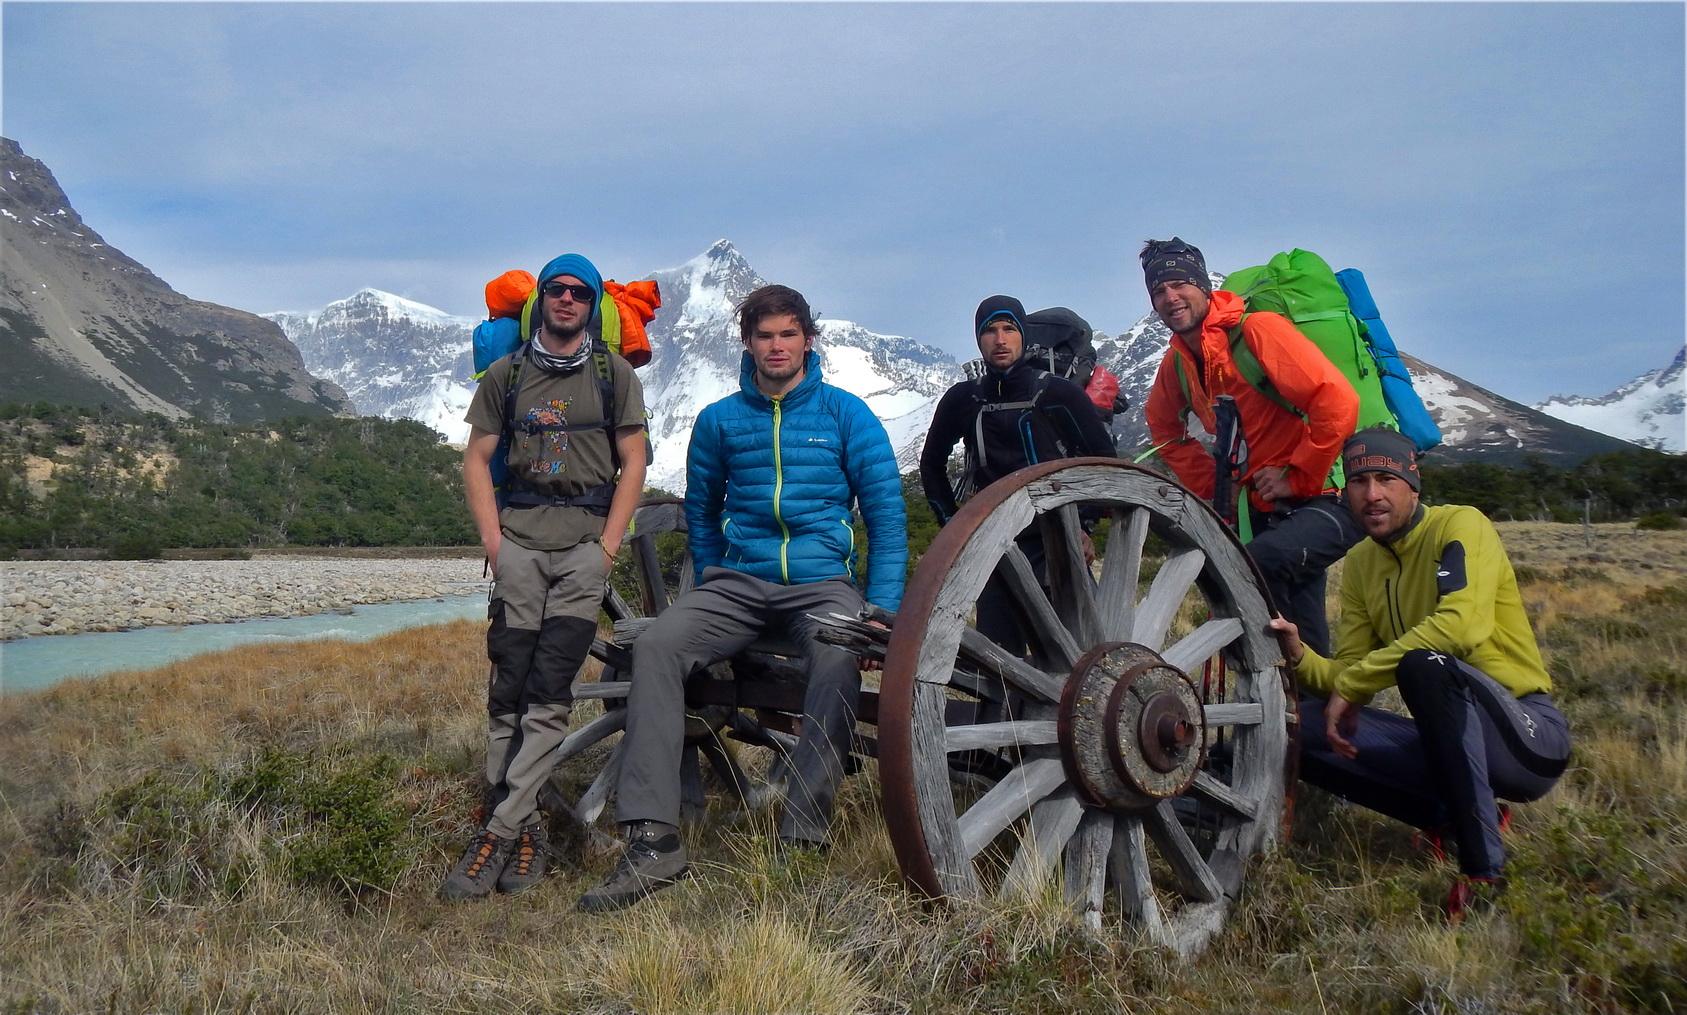 Cerro_San_Lorenzo_clani_odprave